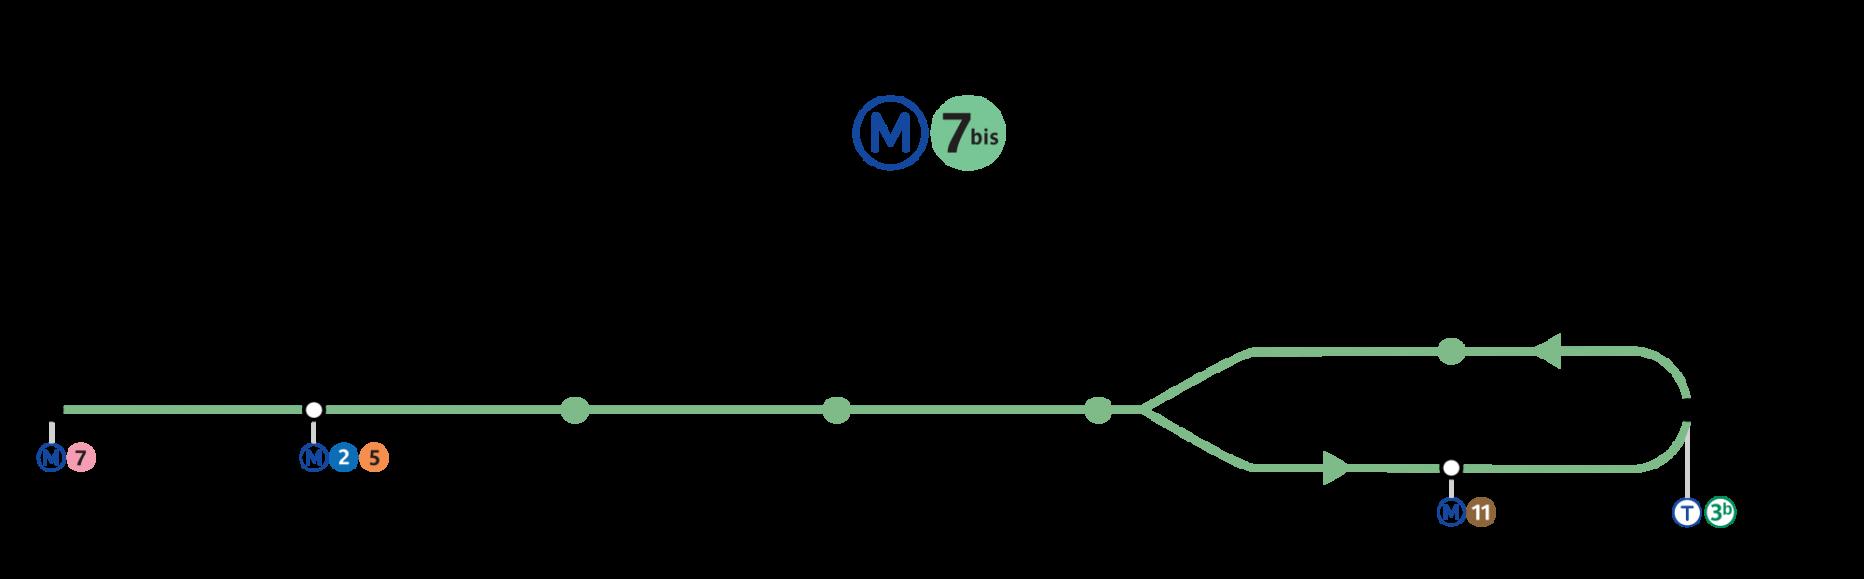 Ligne 7 bis